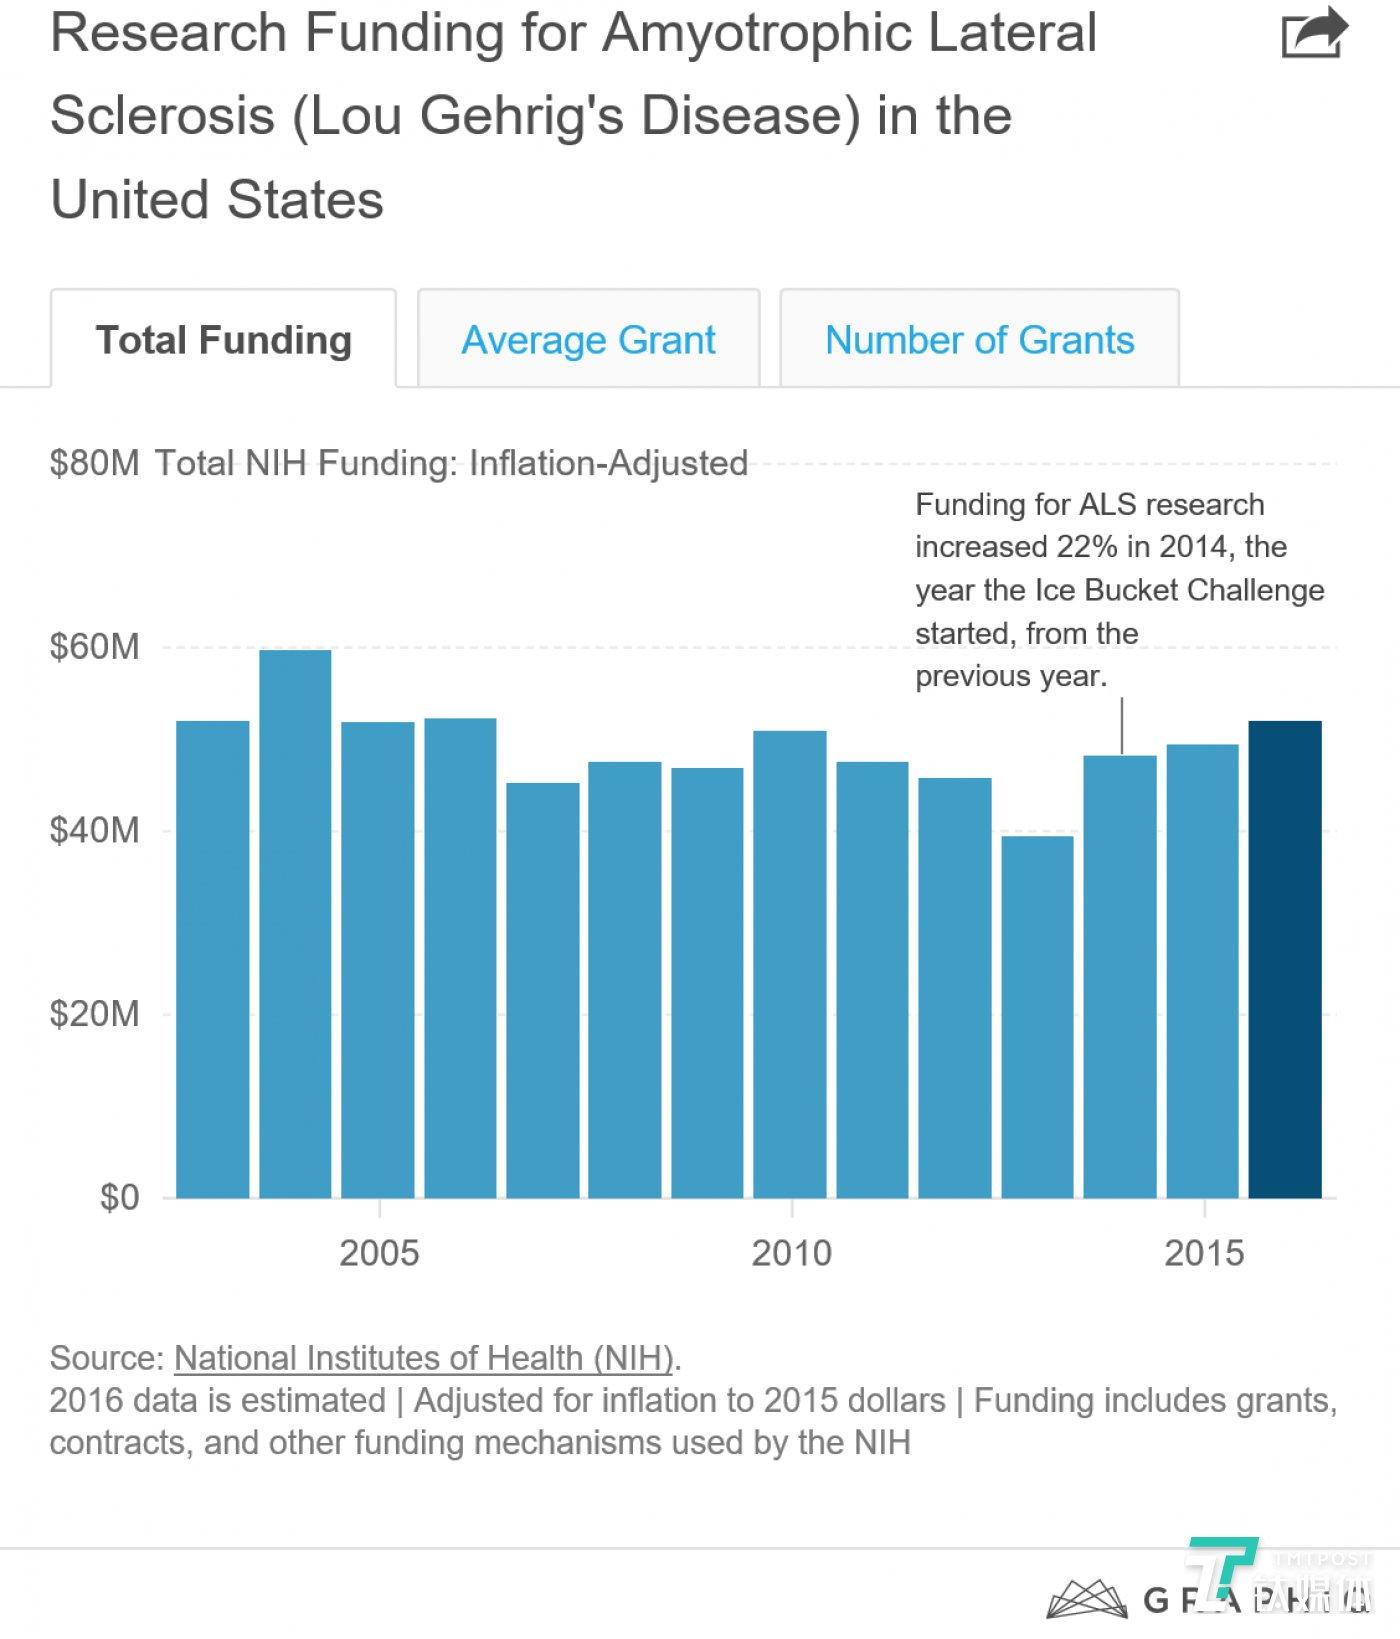 美国的研究组织获得的渐冻症资助